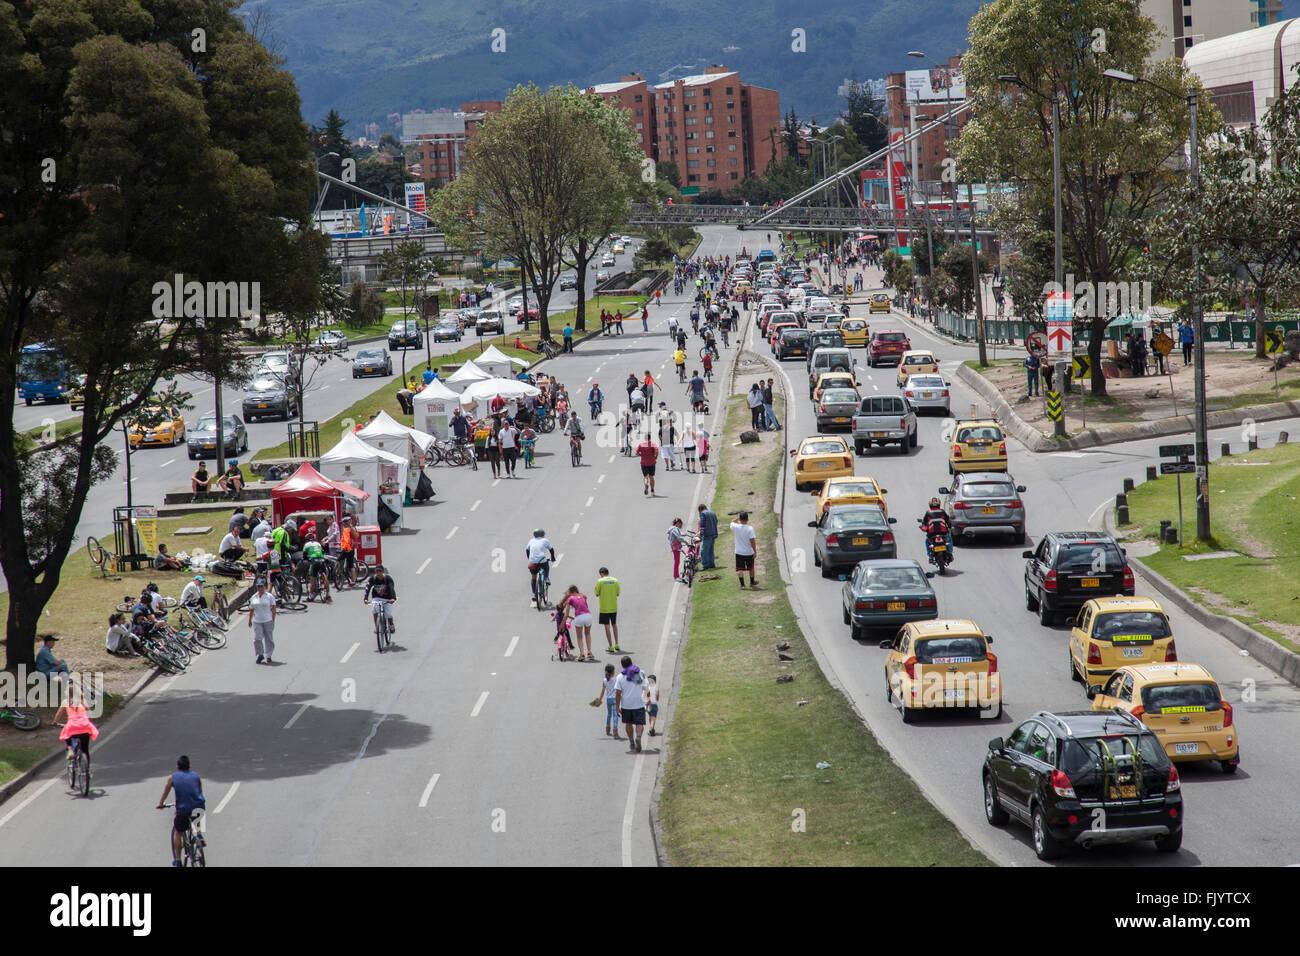 La domenica a Bogotà, Colombia alcune strade sono chiuse al traffico e utilizzata per il tempo libero quali Immagini Stock